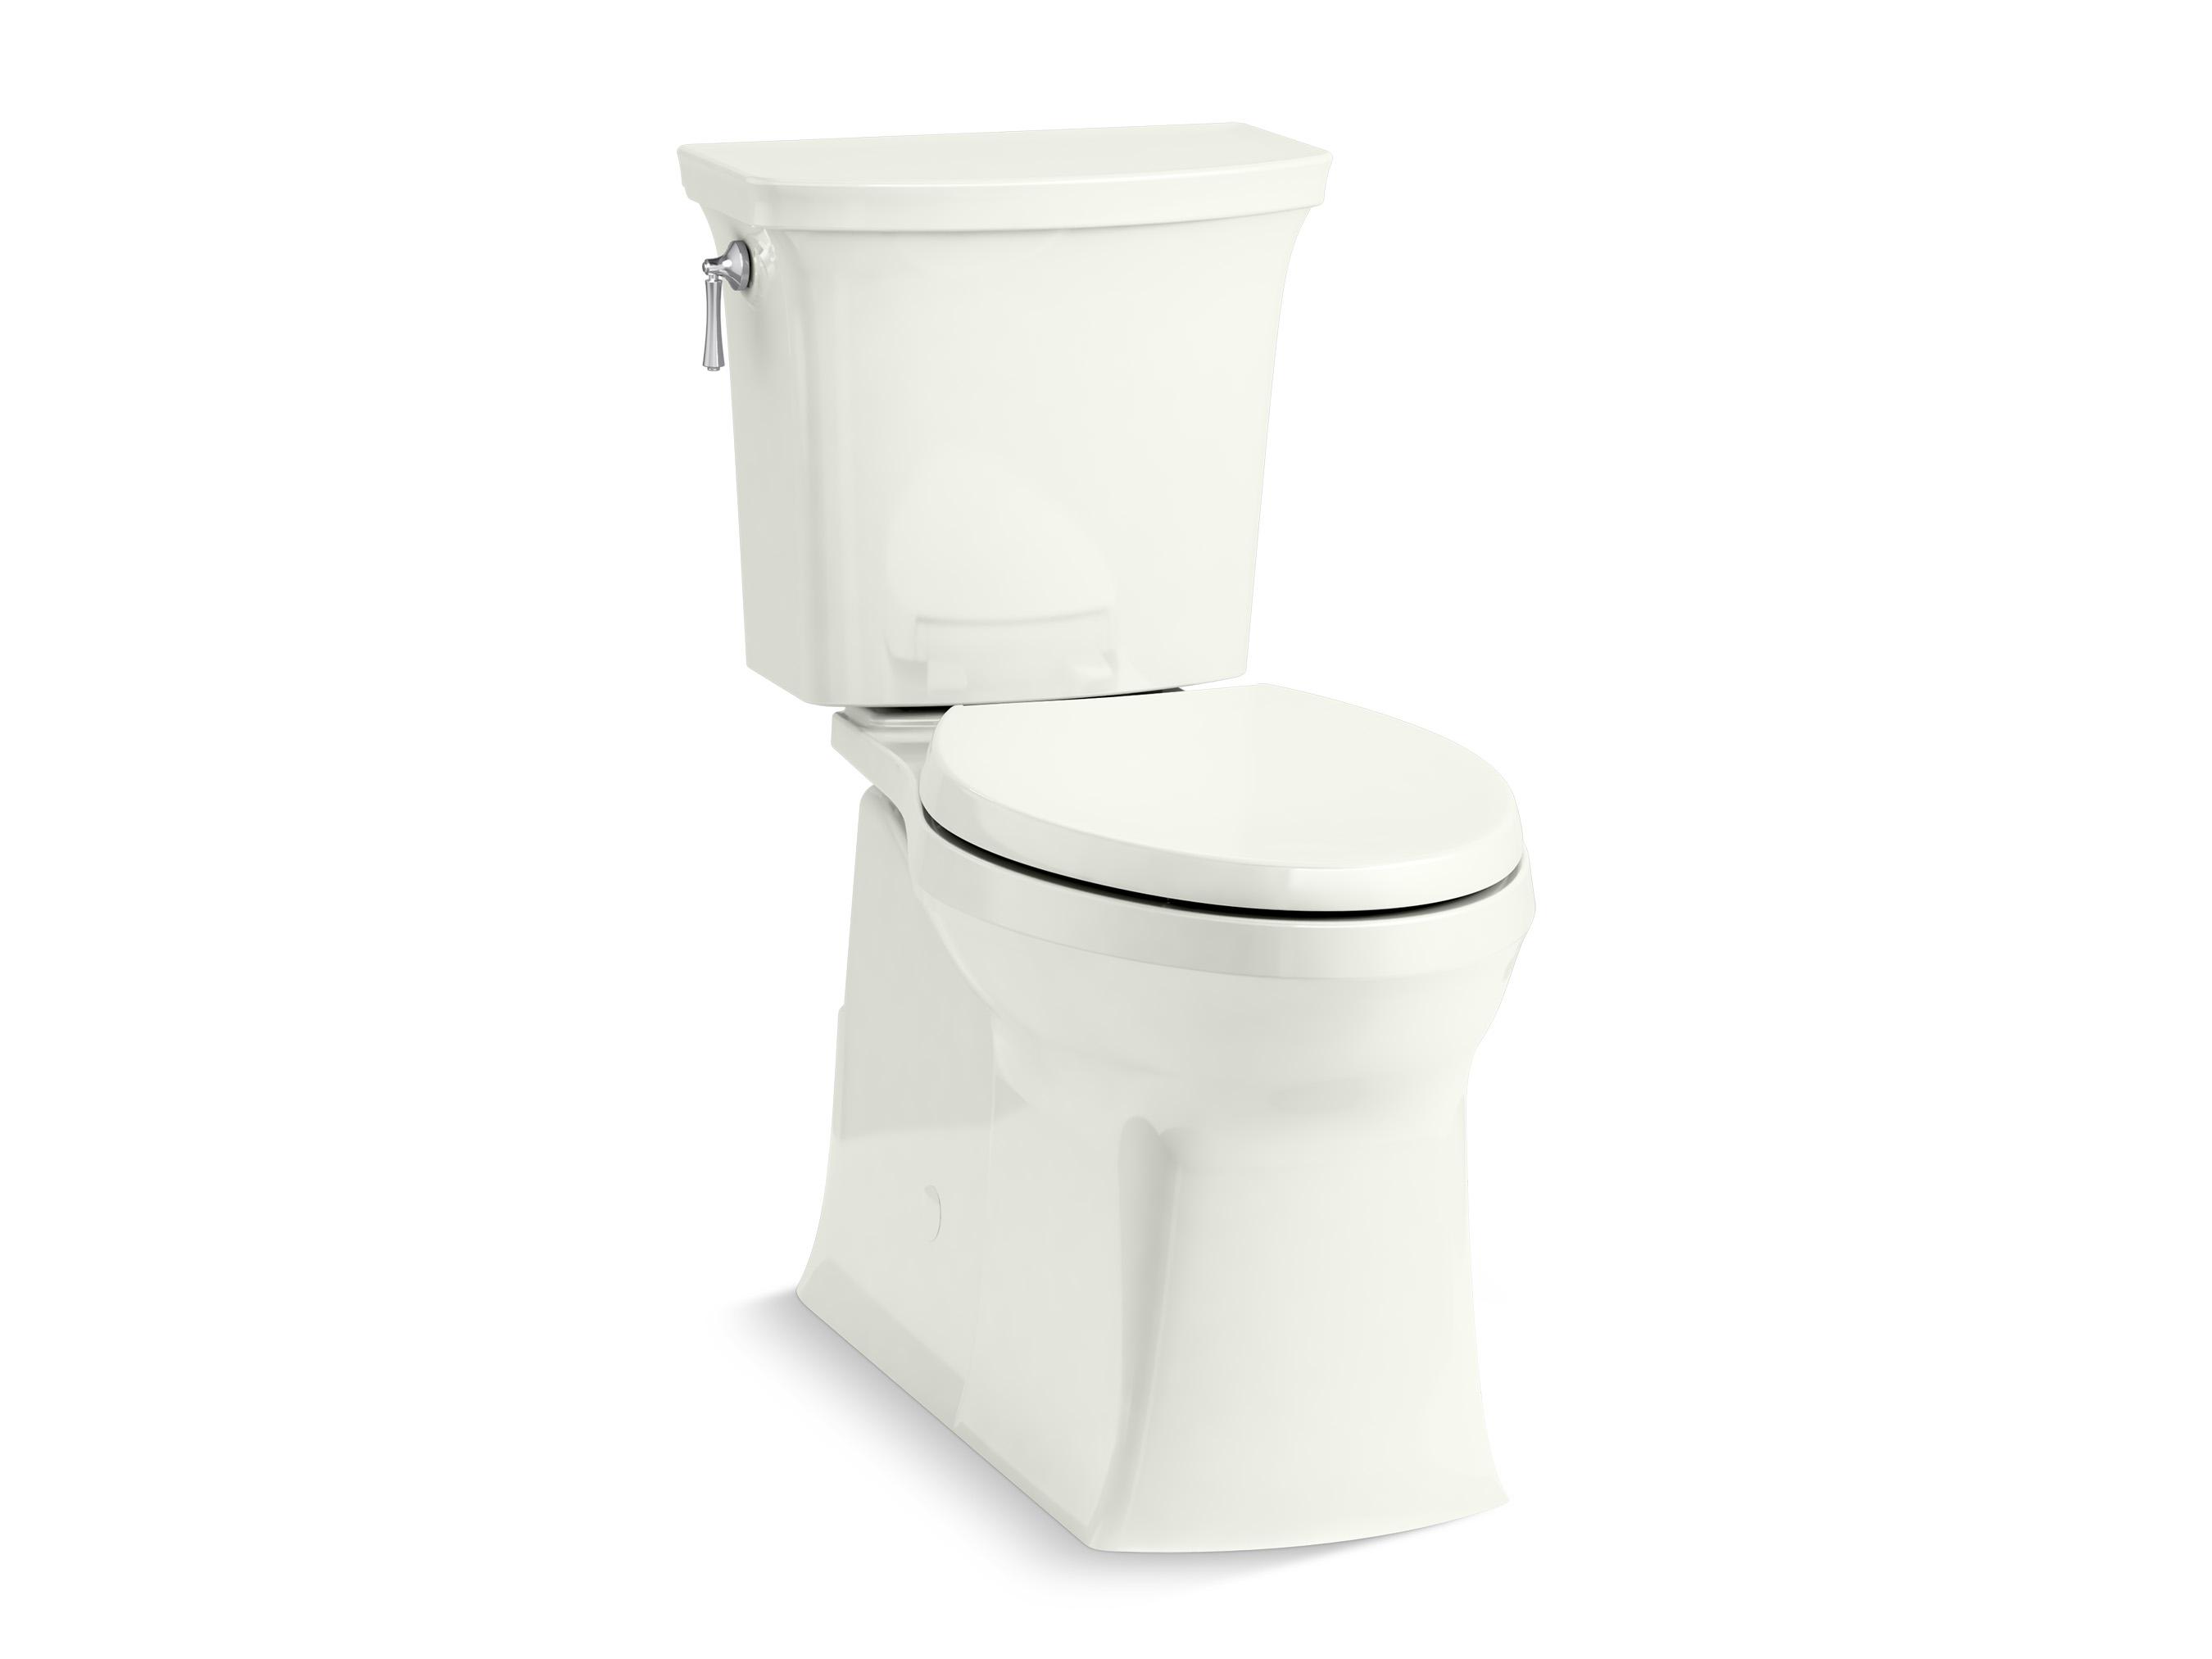 Kohler Revolution 360 Toilet Flushing Platform Offers